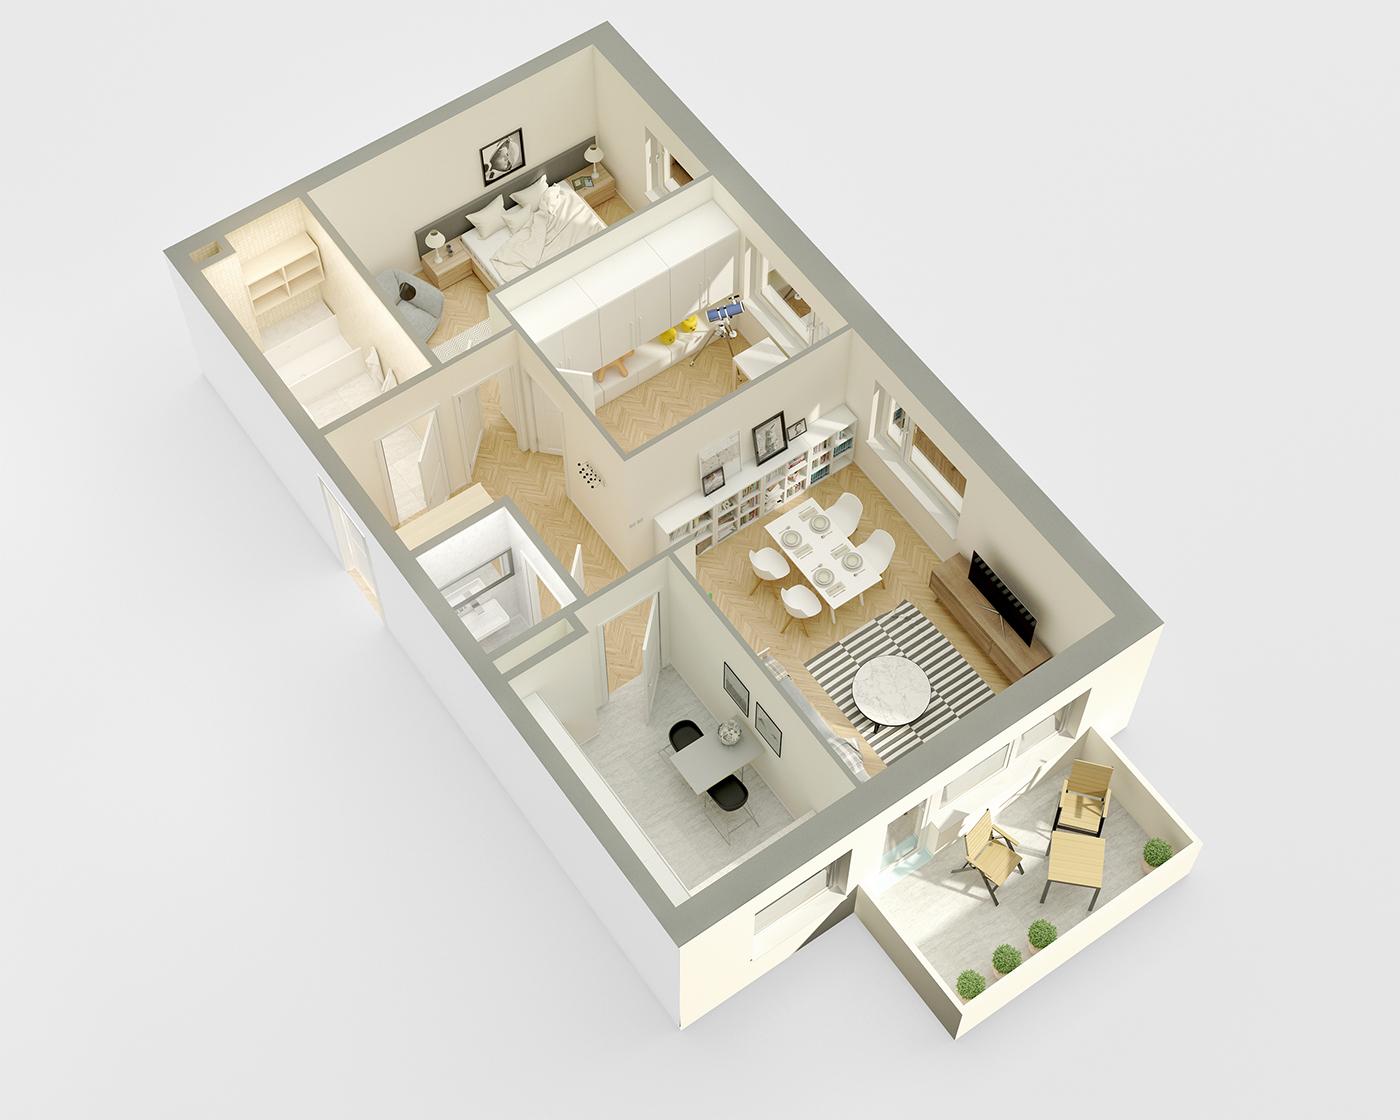 3D Renders FLOOR Plan visualisation